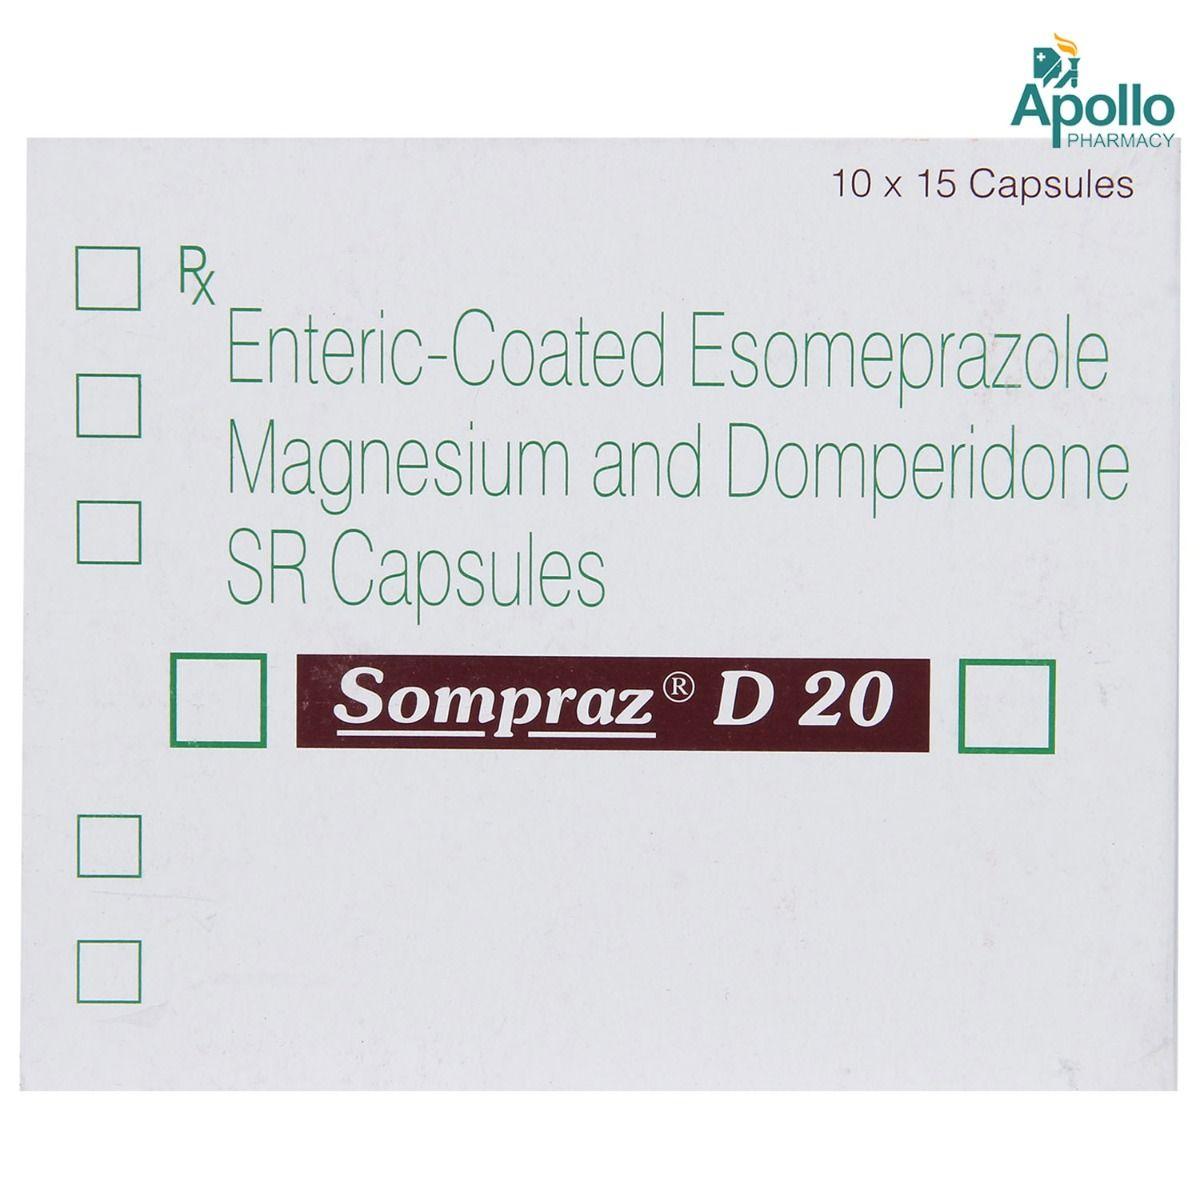 Sompraz D 20 Capsule 15's